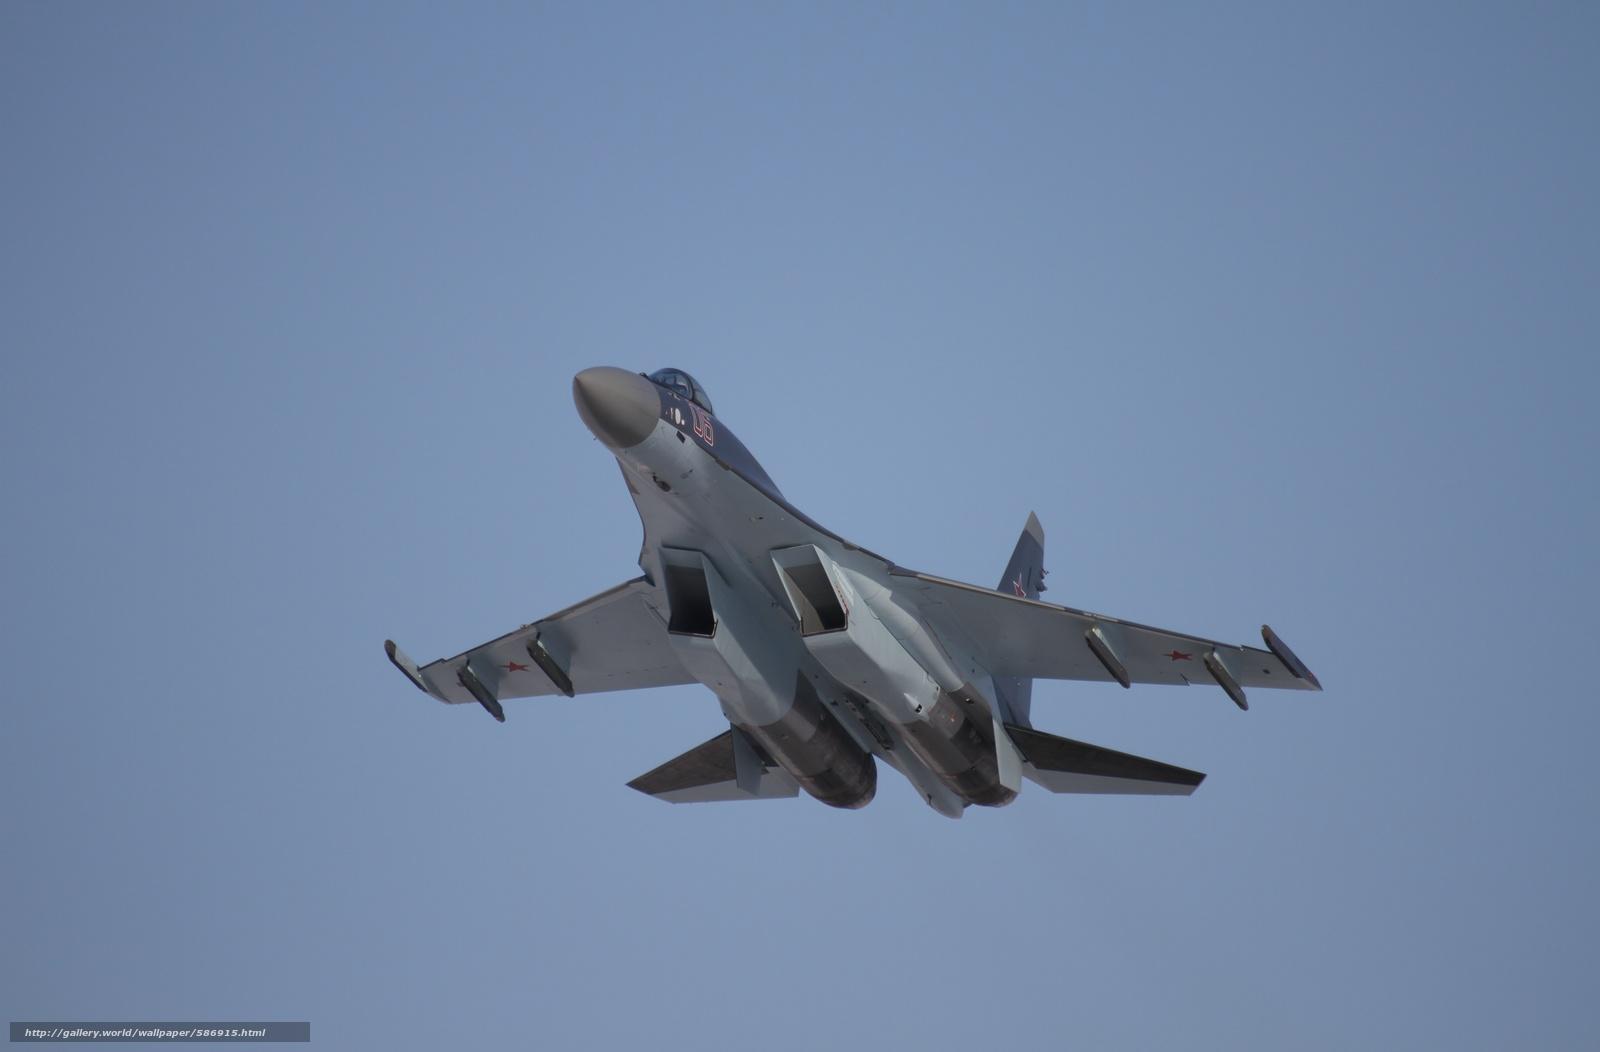 Скачать обои небо,  России,  Истребитель,  ВВС бесплатно для рабочего стола в разрешении 5184x3409 — картинка №586915